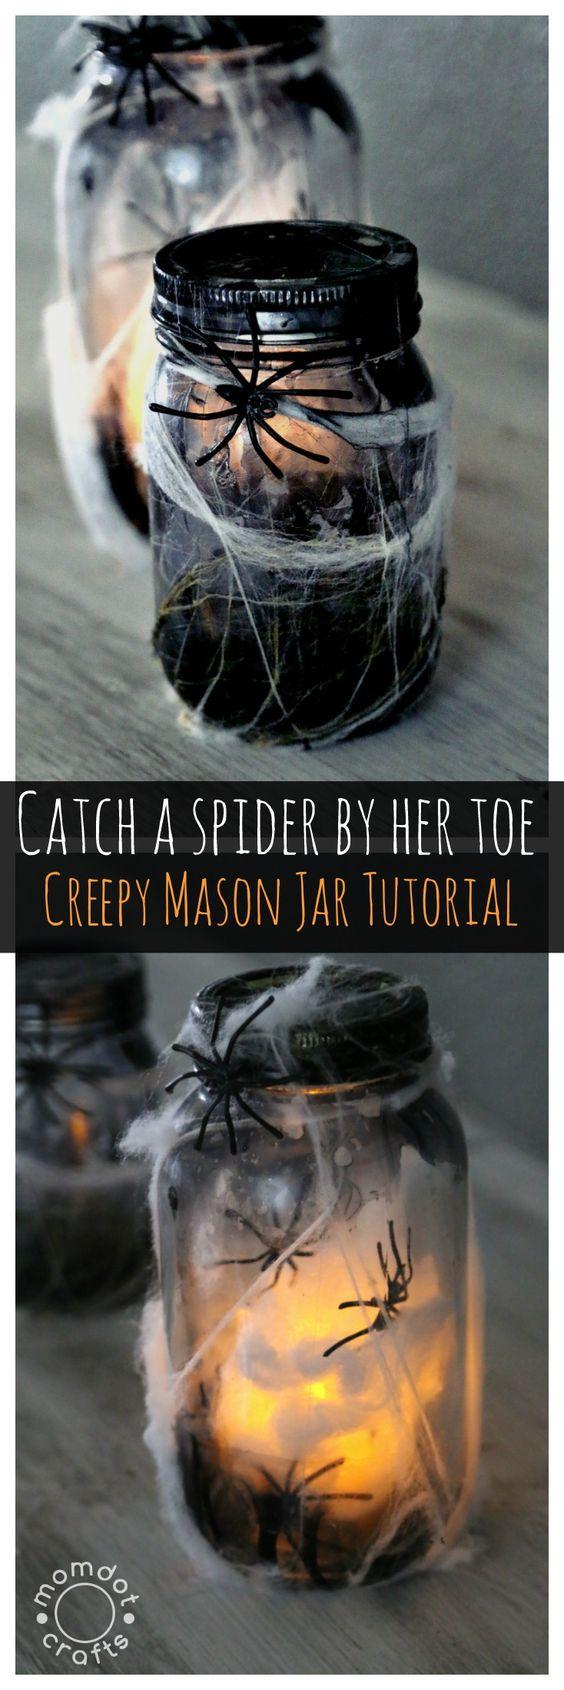 万圣节梅森罐子工艺,DIY这个令人毛骨悚然的蜘蛛罐照亮,完美的工艺为万圣节焦点,夜灯,并可以在几分钟内完成